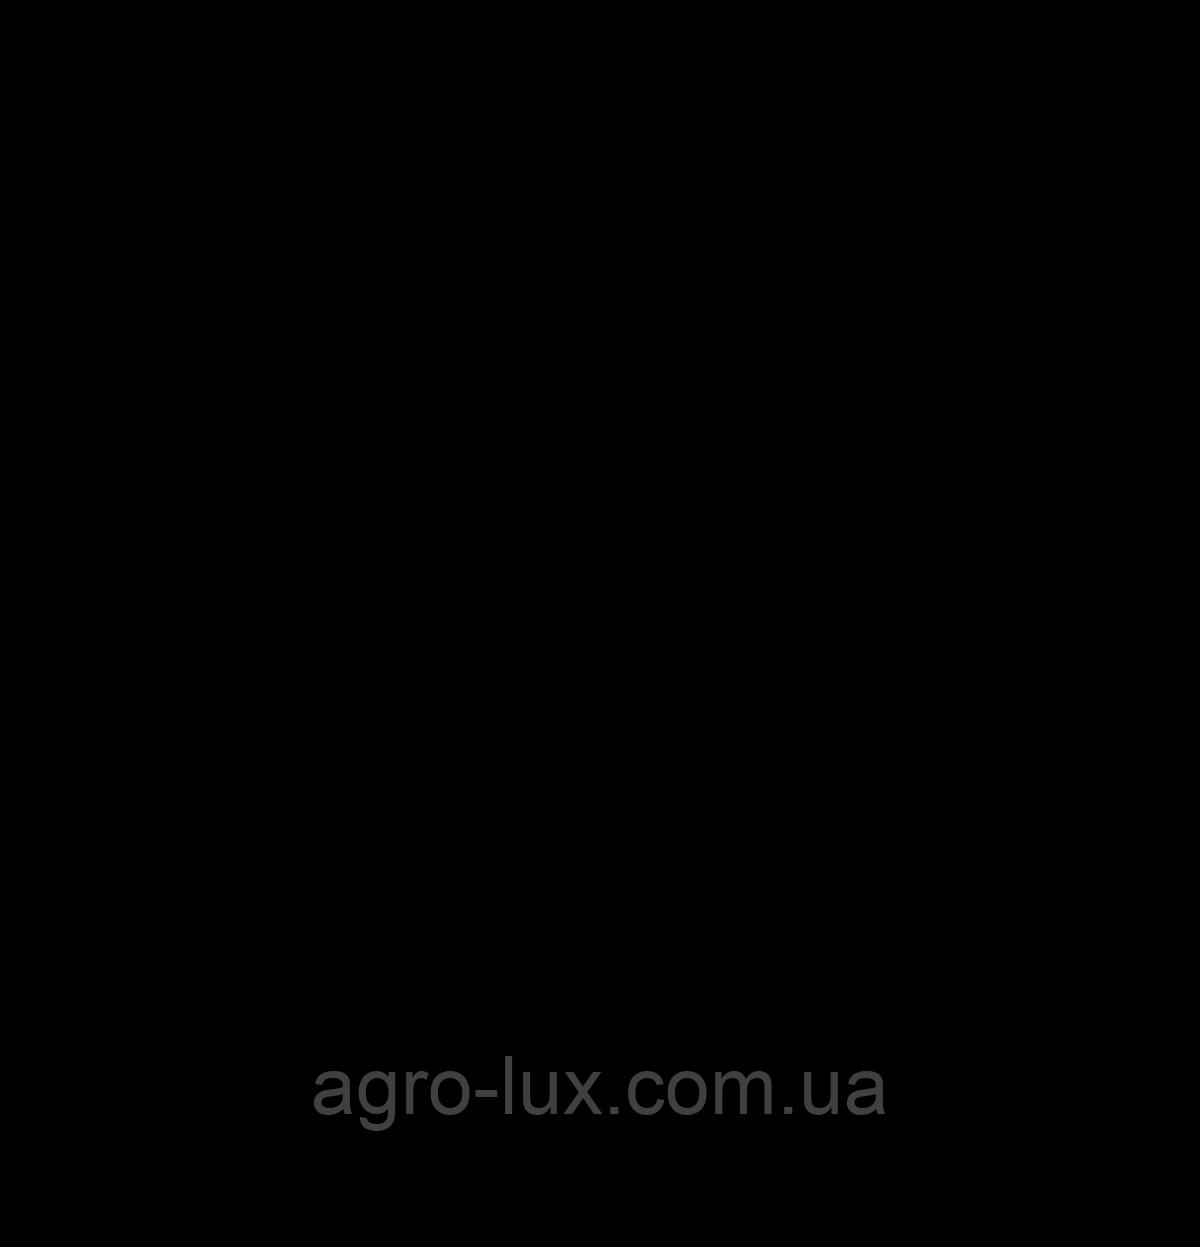 Гербицид стомп 330 к. е.  0,5 л